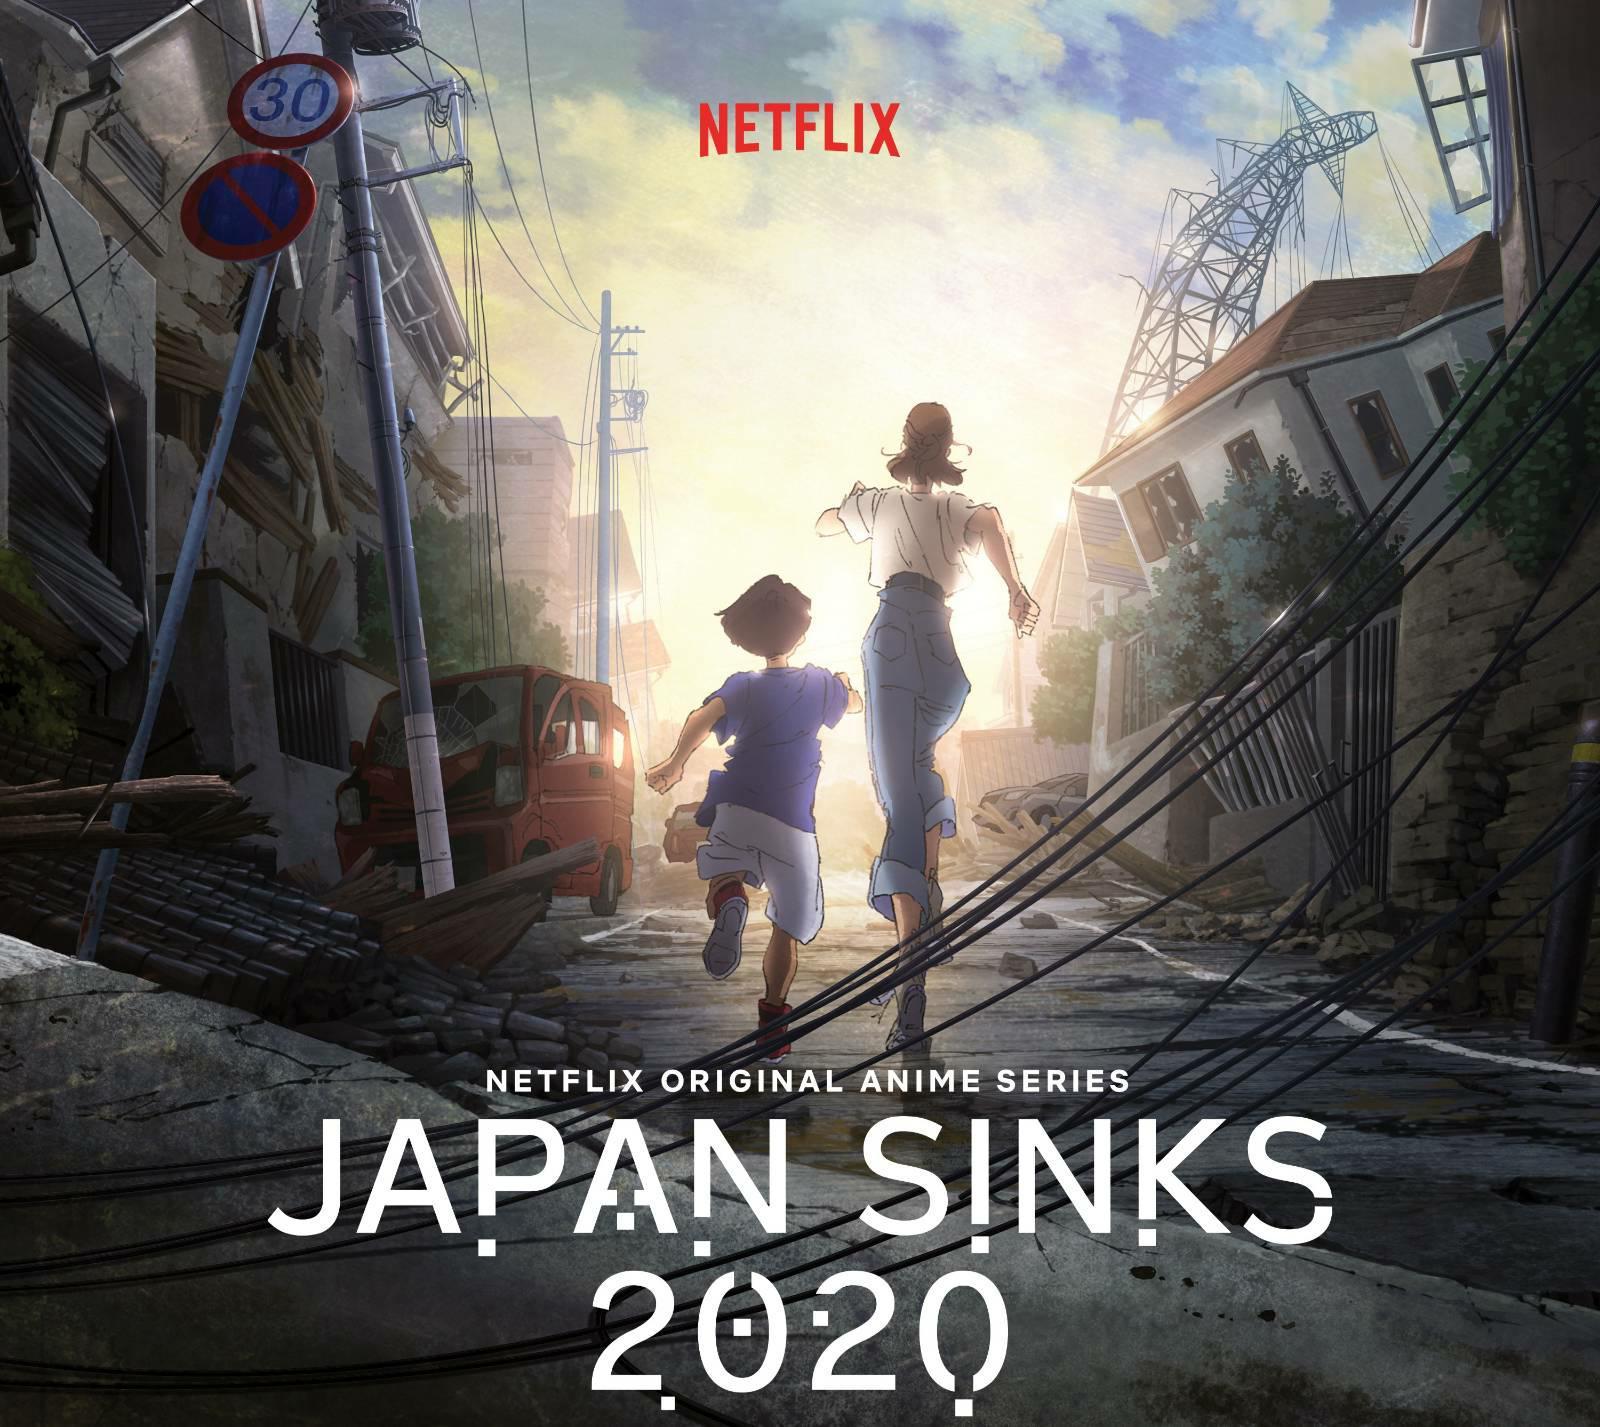 JAPAN SINKS 2020 ญี่ปุ่นวิปโยค อนิเมะภัยพิบัติ เอาตัวรอด สายดาร์ก  ที่ไม่ควรพลาด! (ไม่สปอยล์) - Pantip